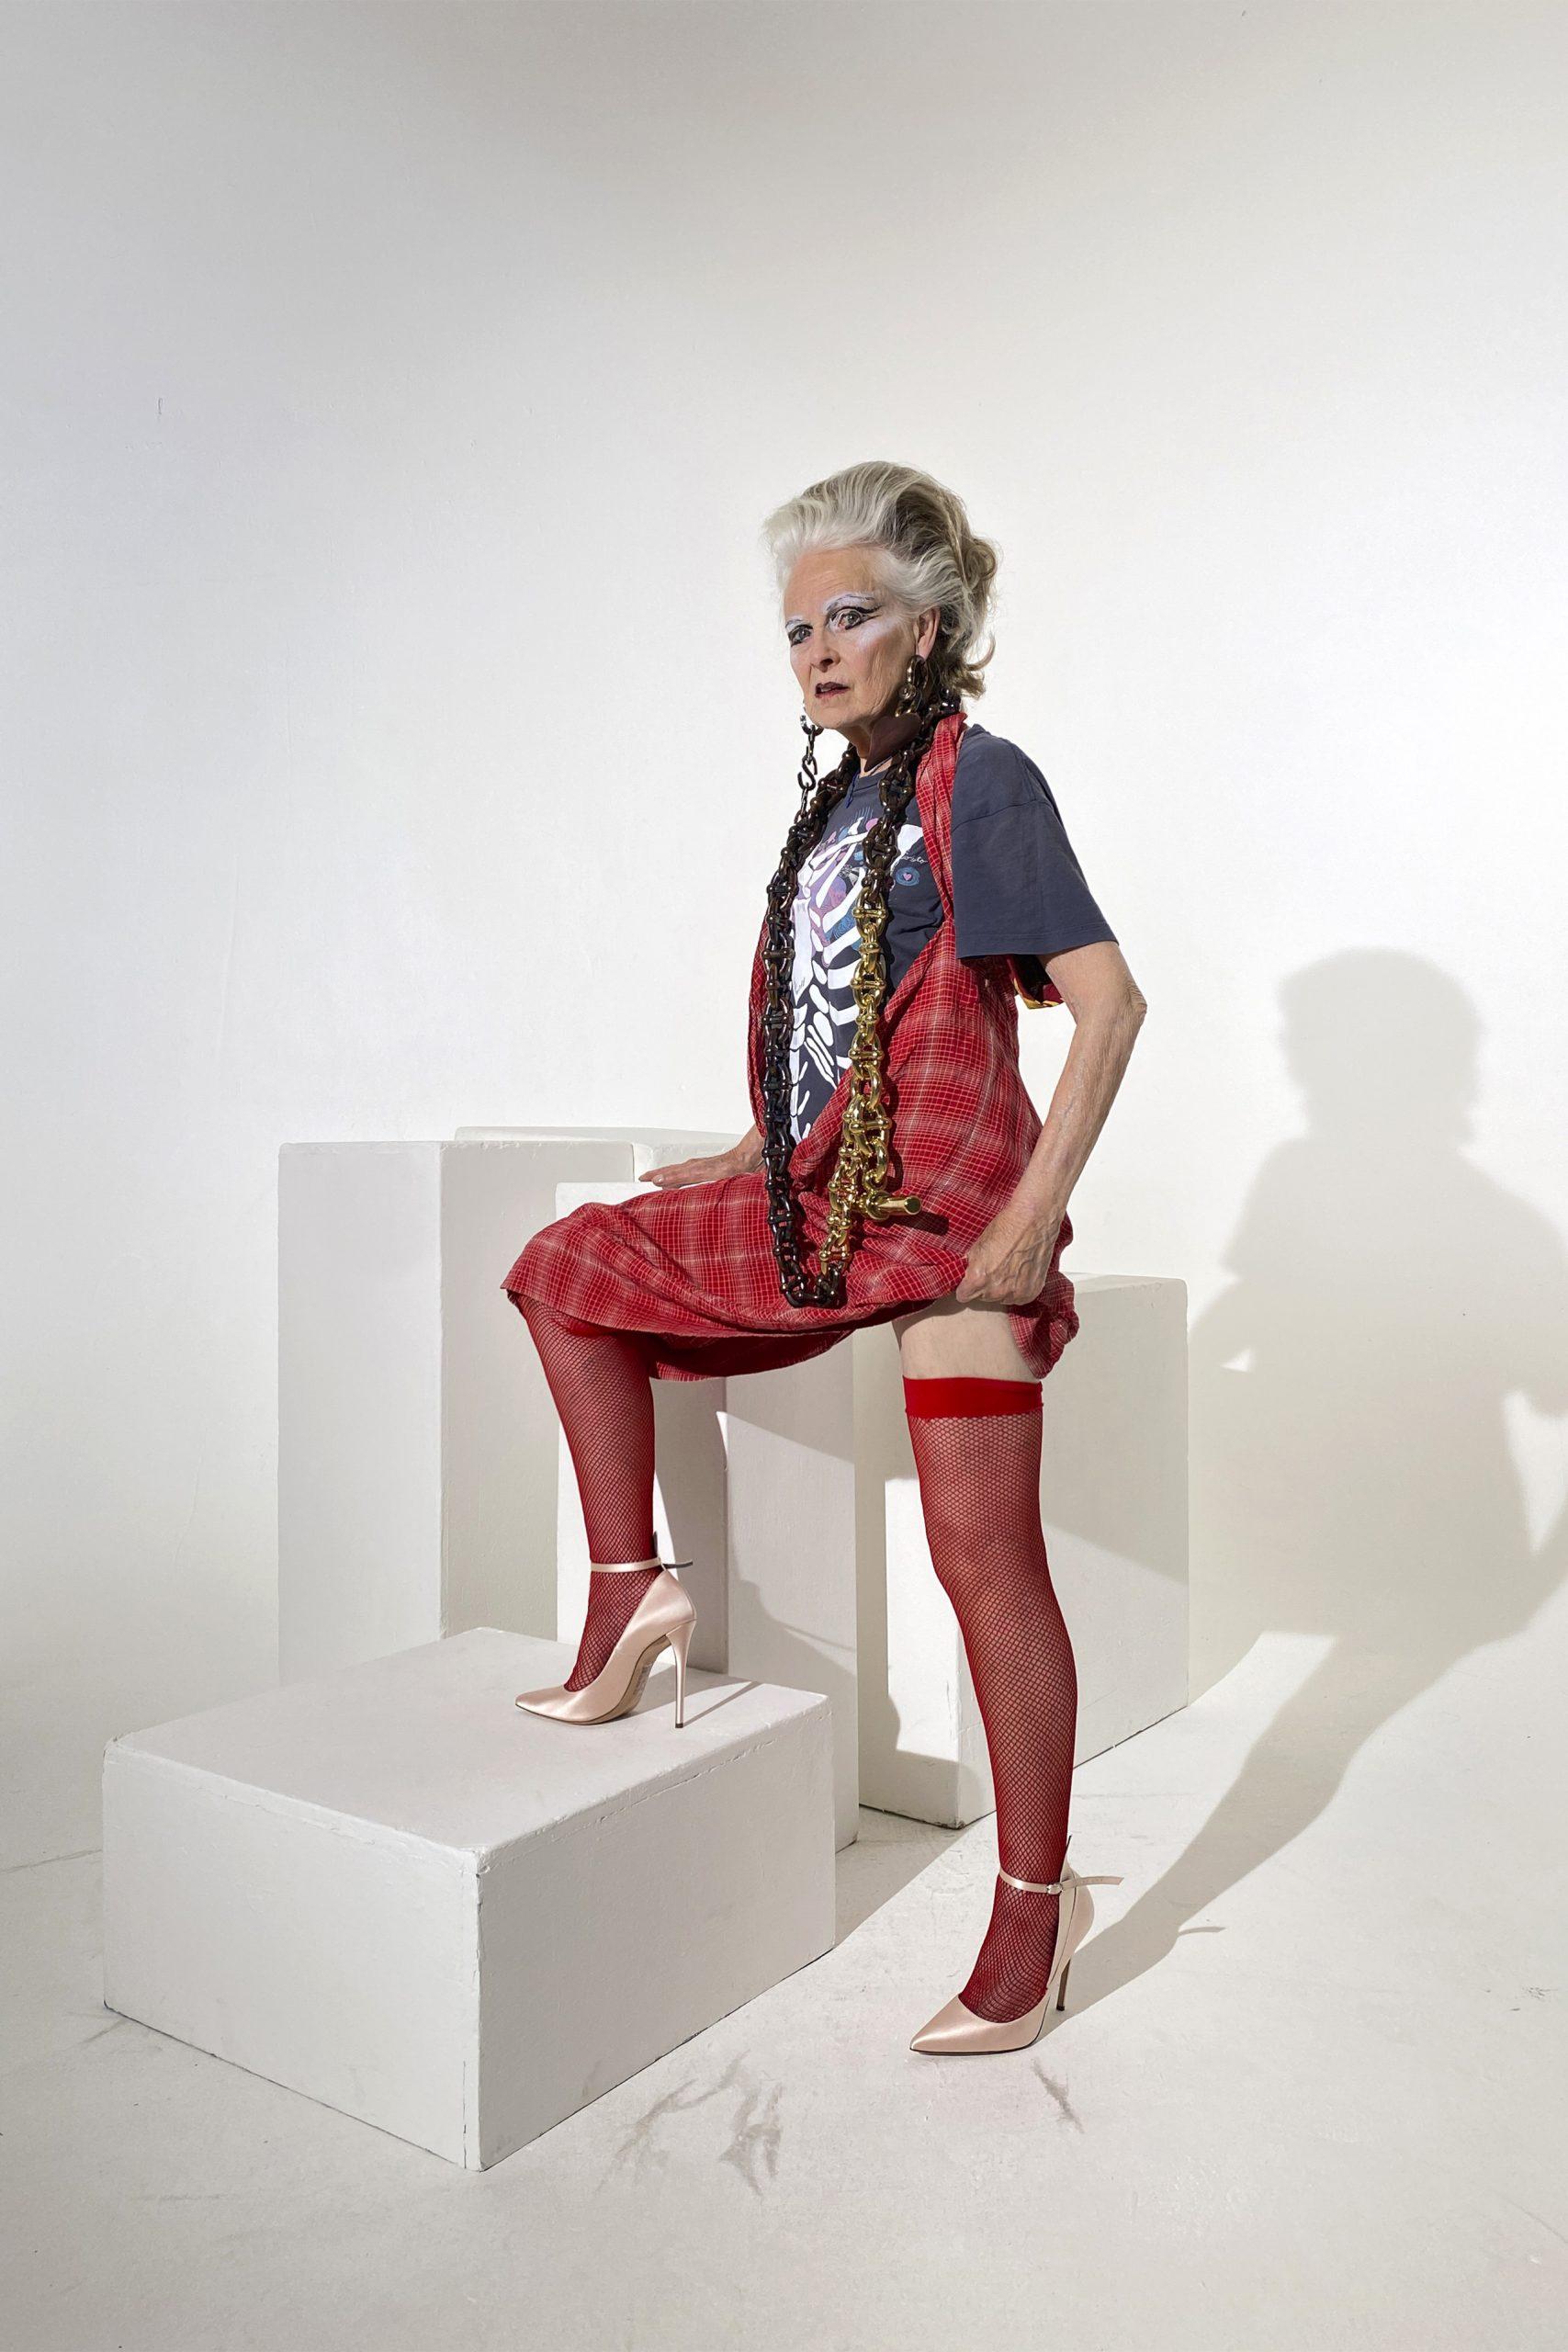 1. kép: Párizsi divathét - Andreas Kronthaler for Vivienne Westwood - 2021 tavasz-nyár - ready to wear